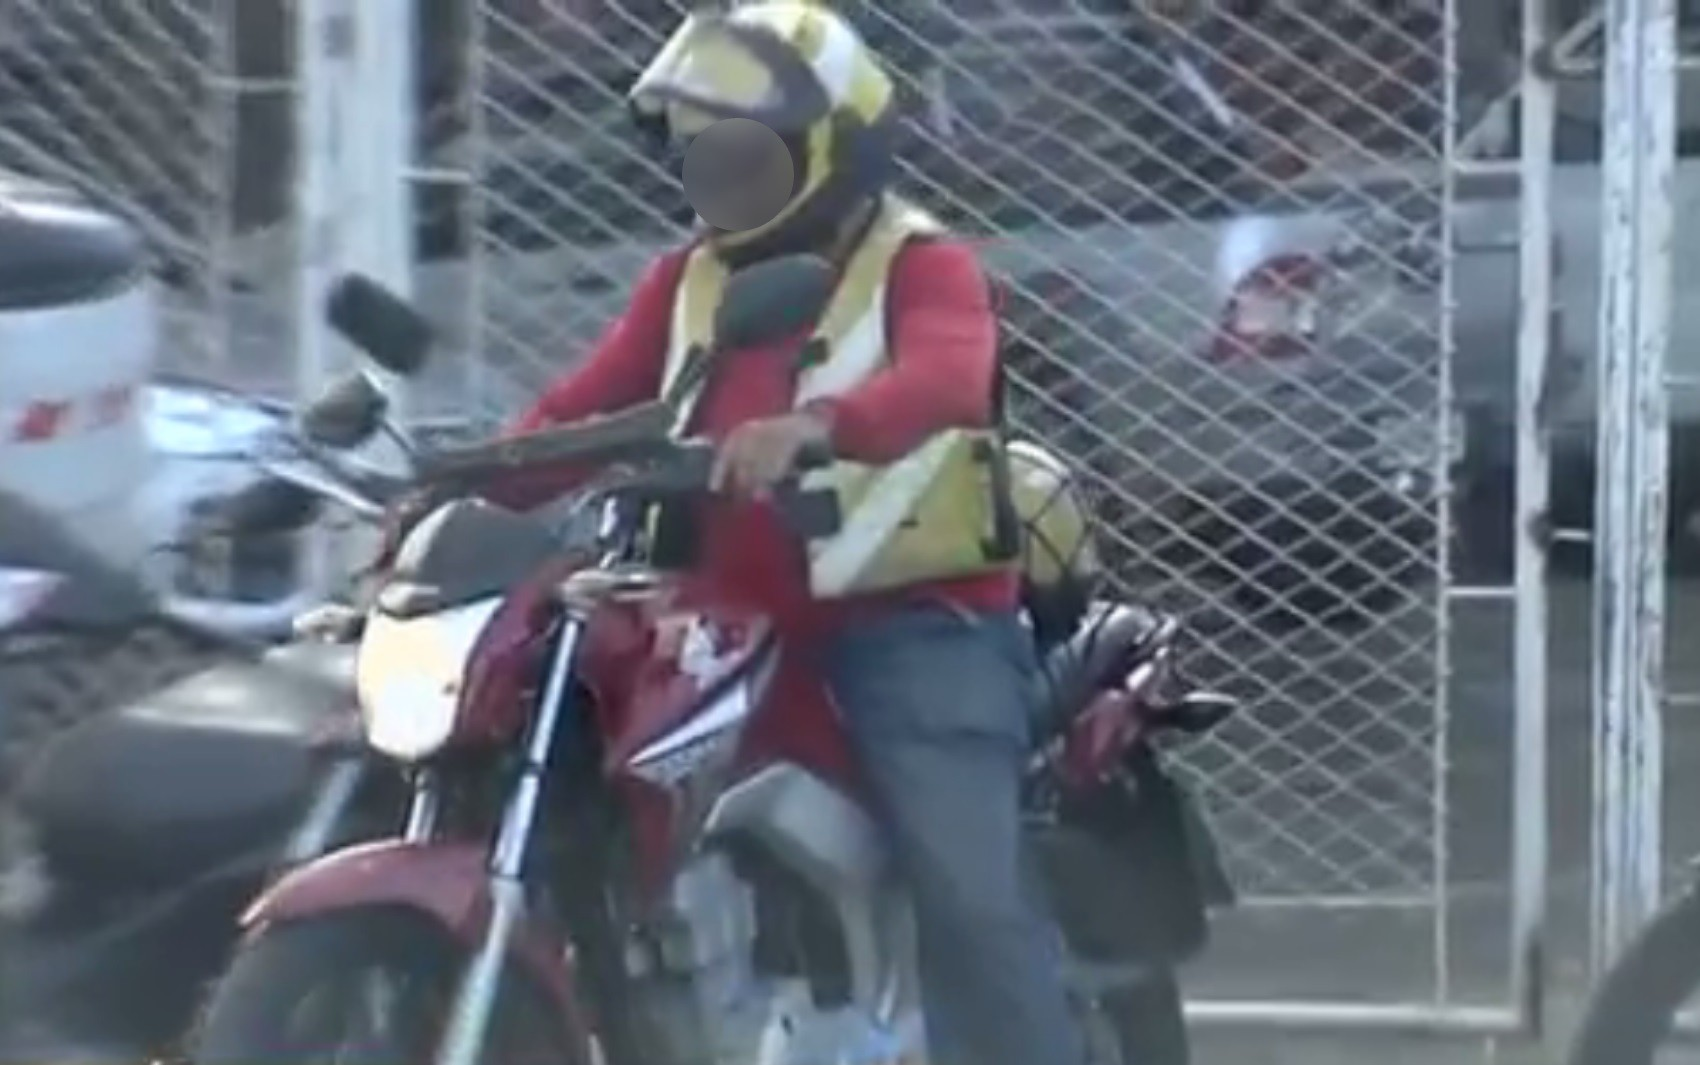 Levantamento da SMT mostra que dos 1,7 mil mototaxistas cadastrados em Goiânia, 379 estão irregulares